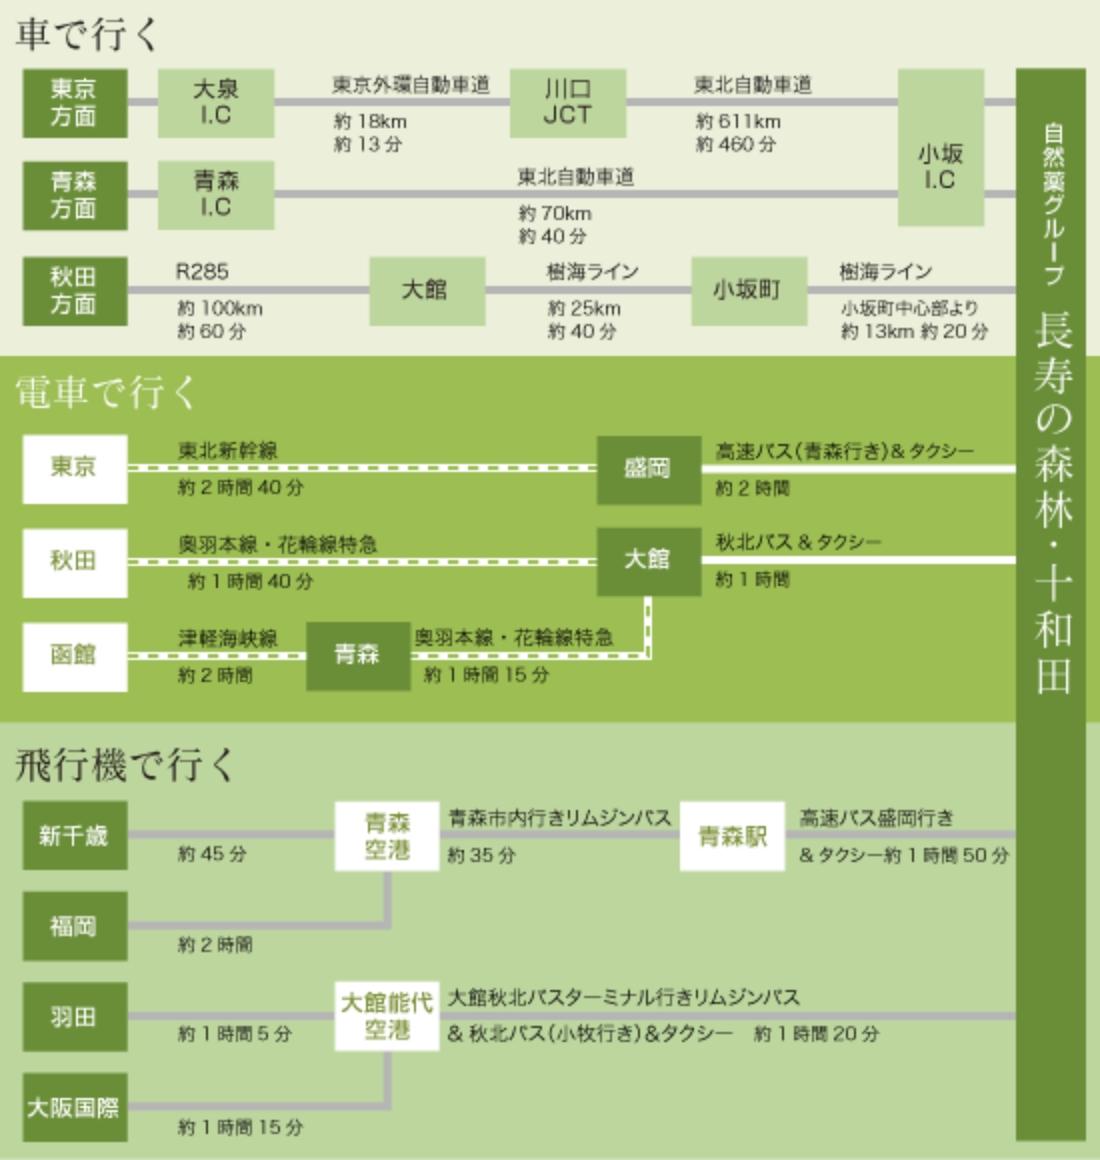 長寿の森林・十和田へのアクセス